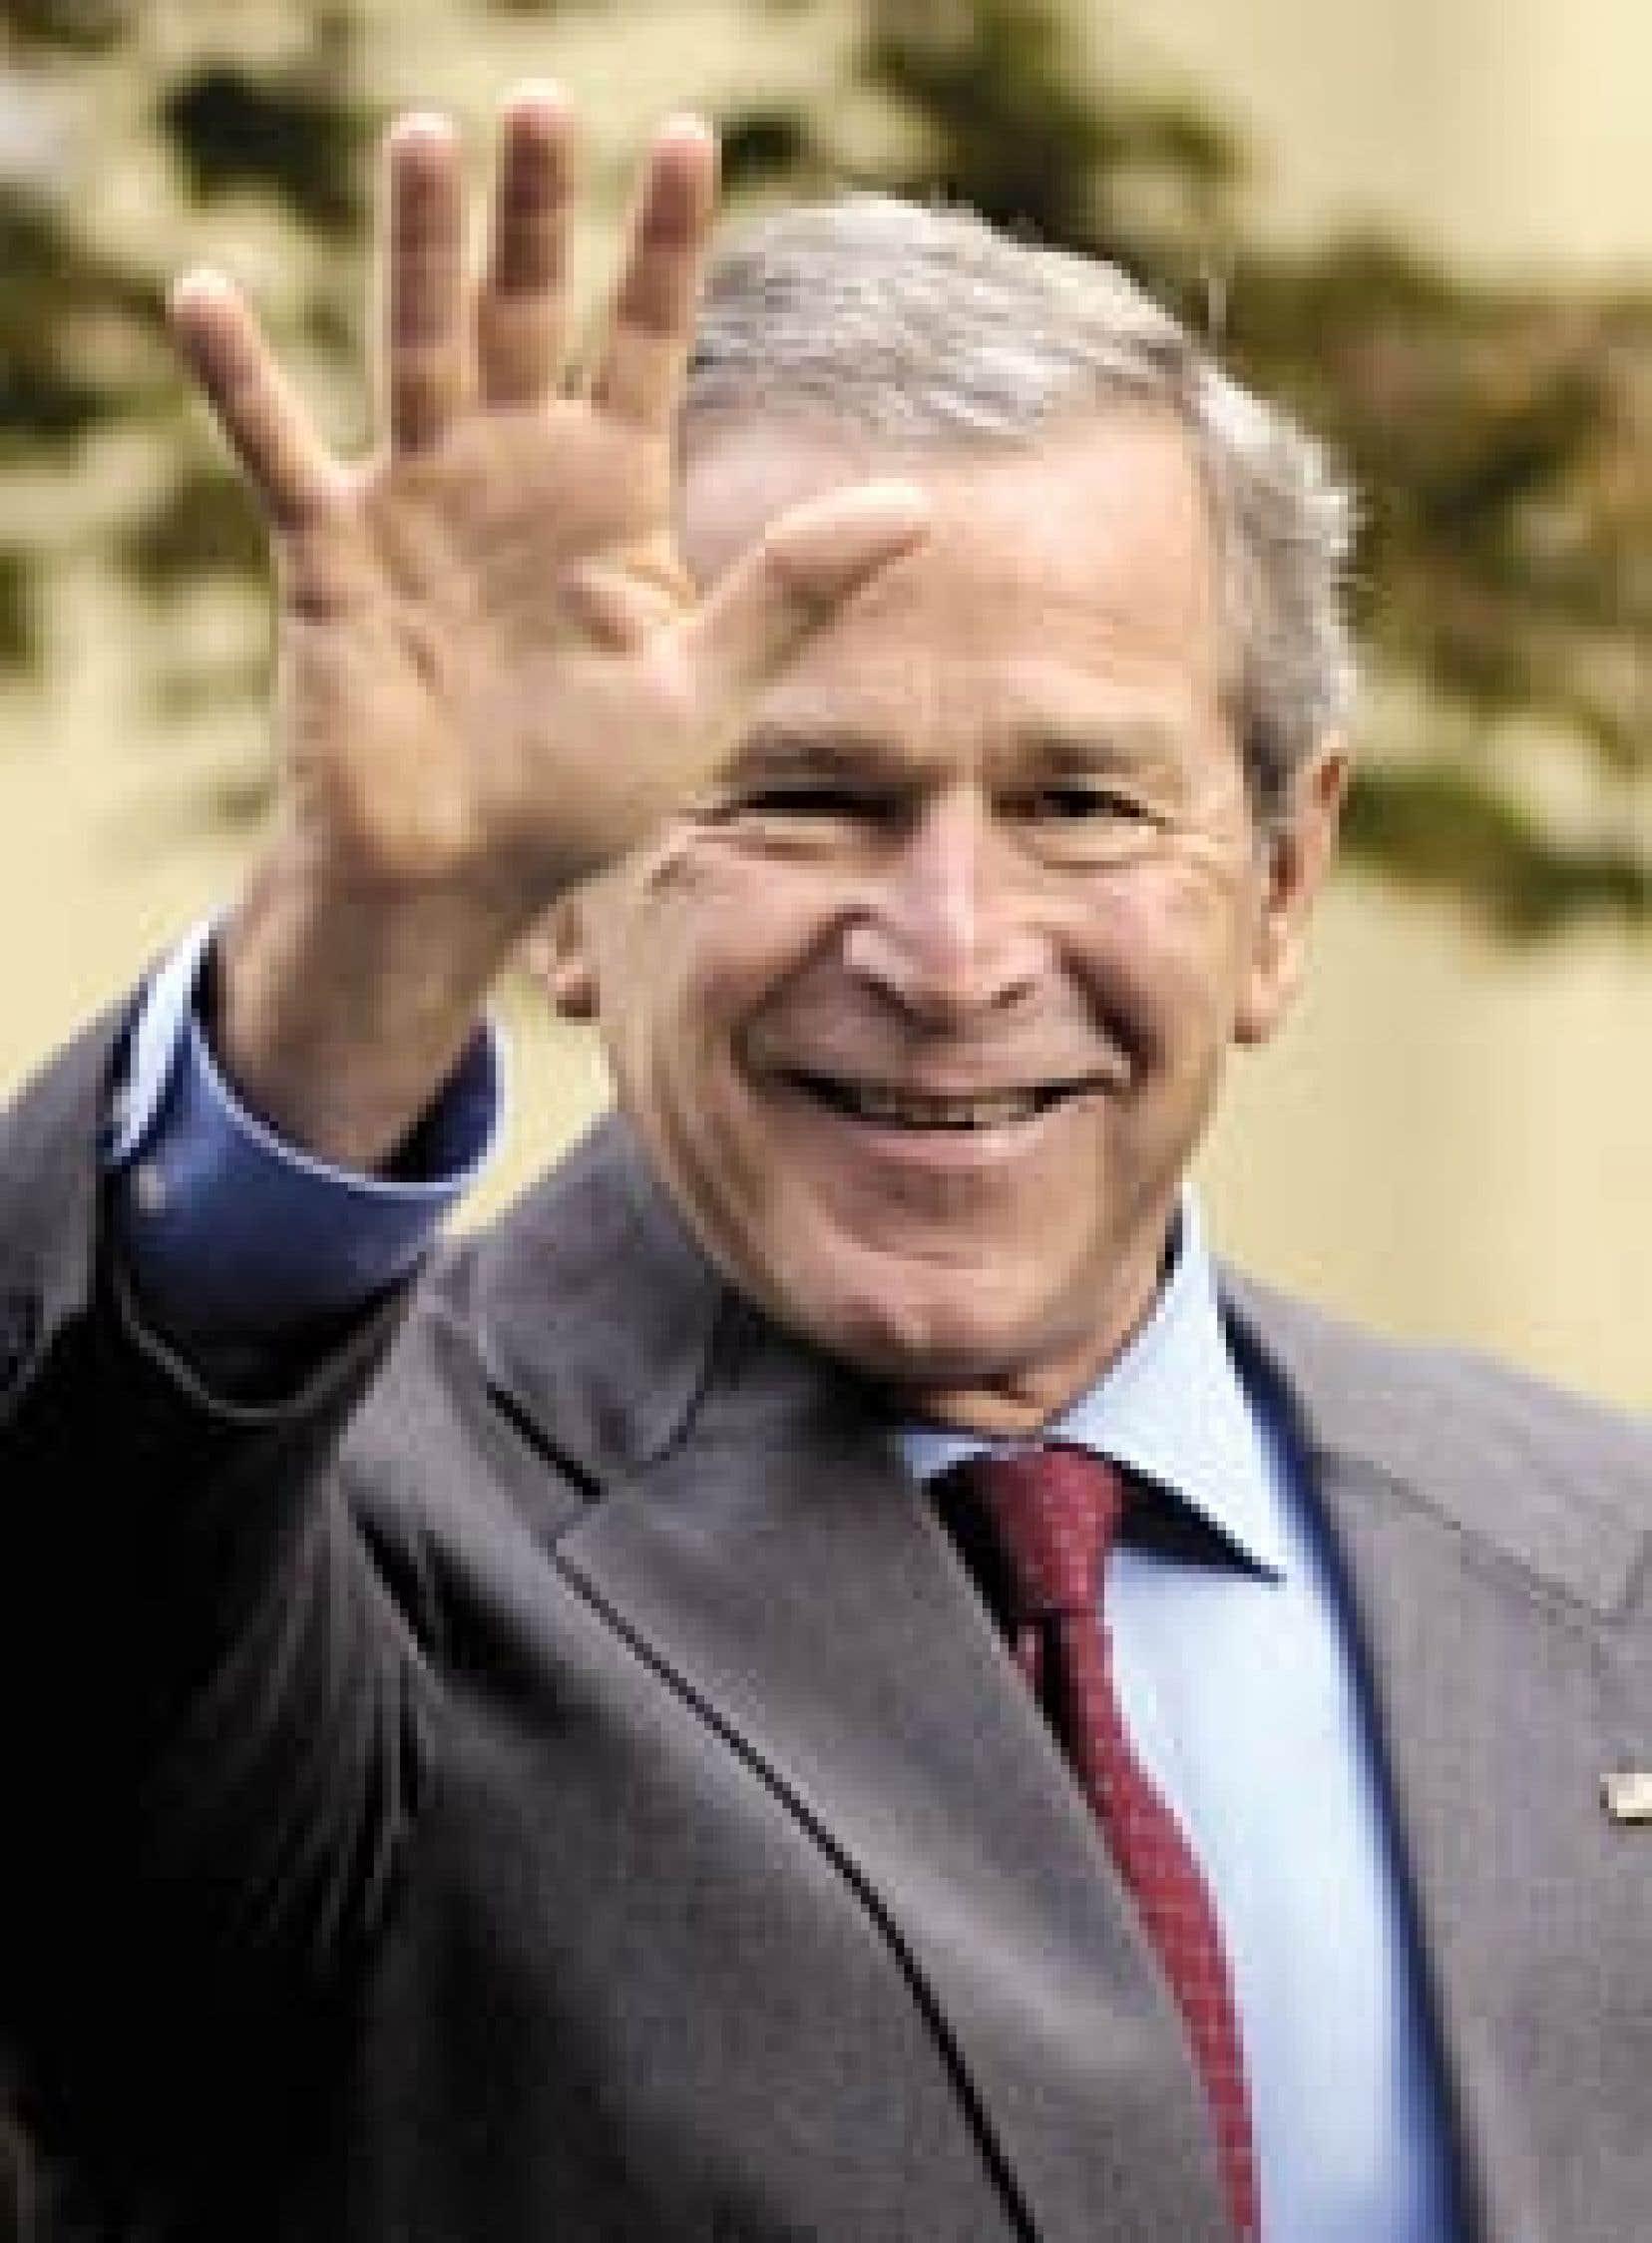 Le président américain, George W. Bush, salue les journalistes à la sortie de l'église St. John, à Washington, où il a assisté à la célébration dominicale, hier. Un rapport des services secrets affirmant que l'invasion militaire de l'Irak